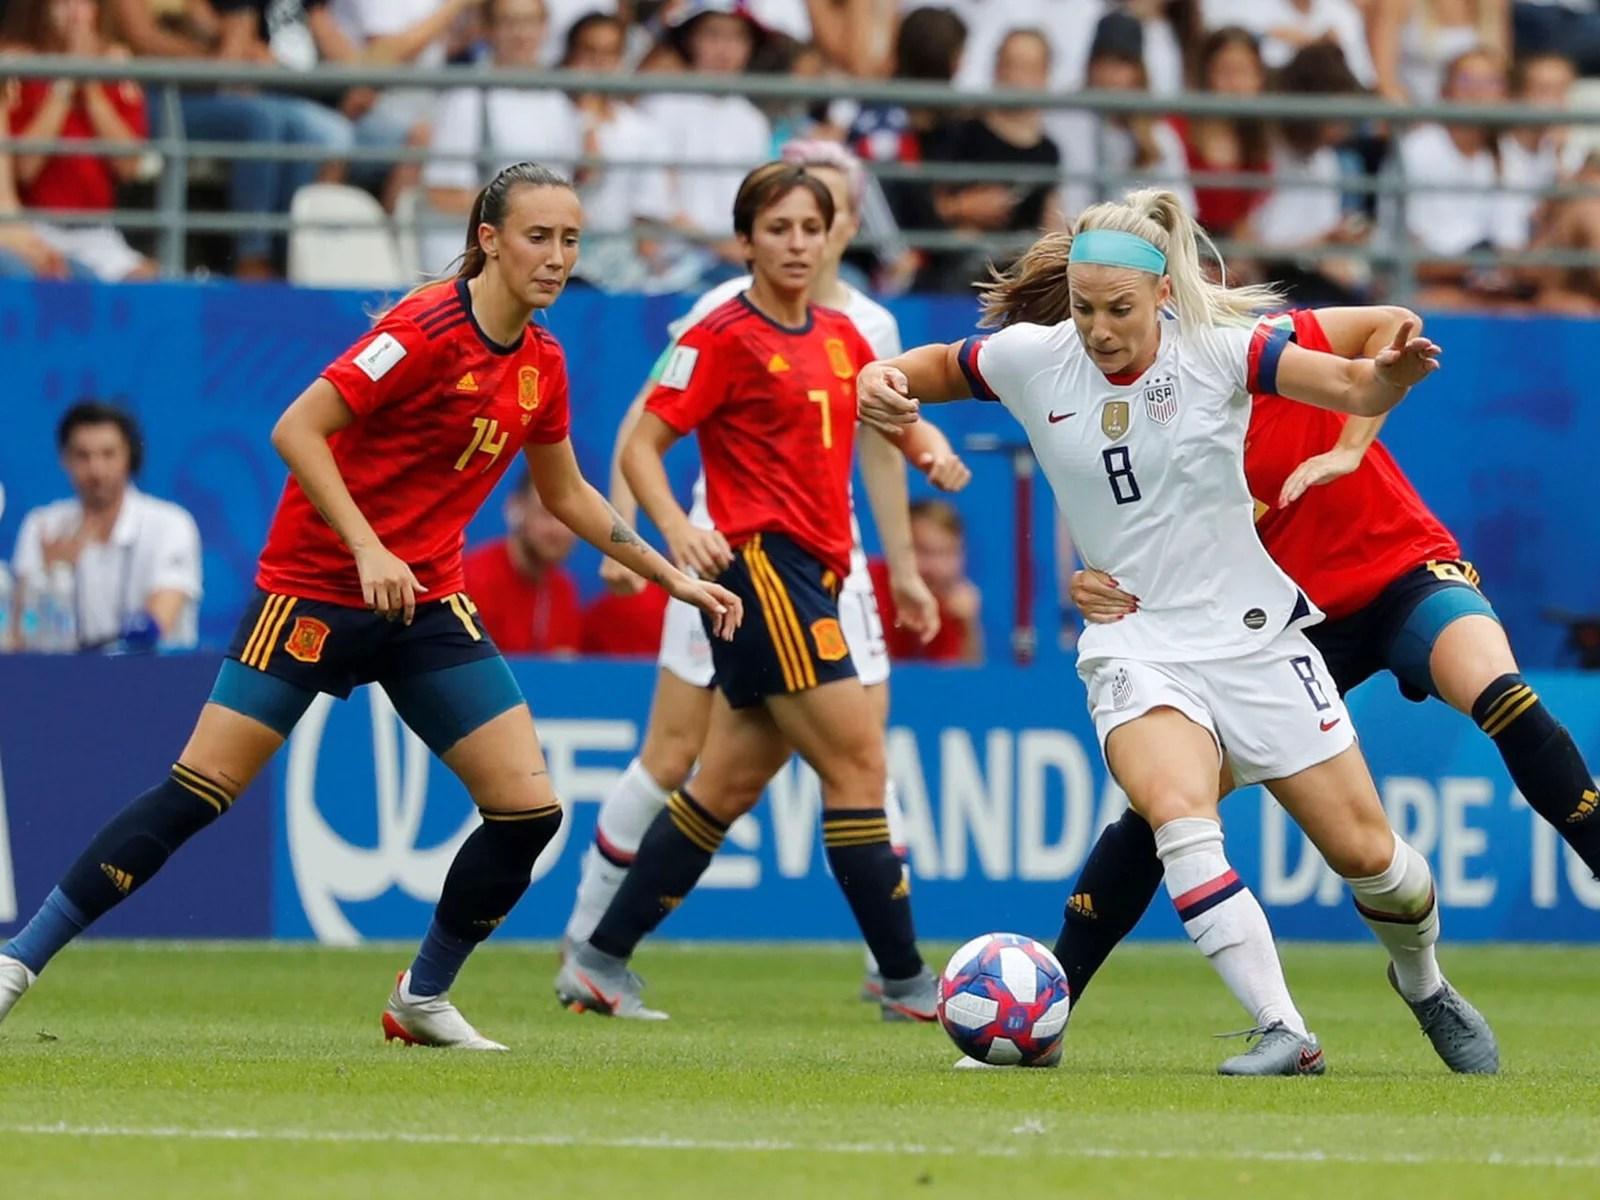 La Selección Española Femenina cae eliminada en octavos de final del Mundial frente a la vigente campeona, Estados Unidos.